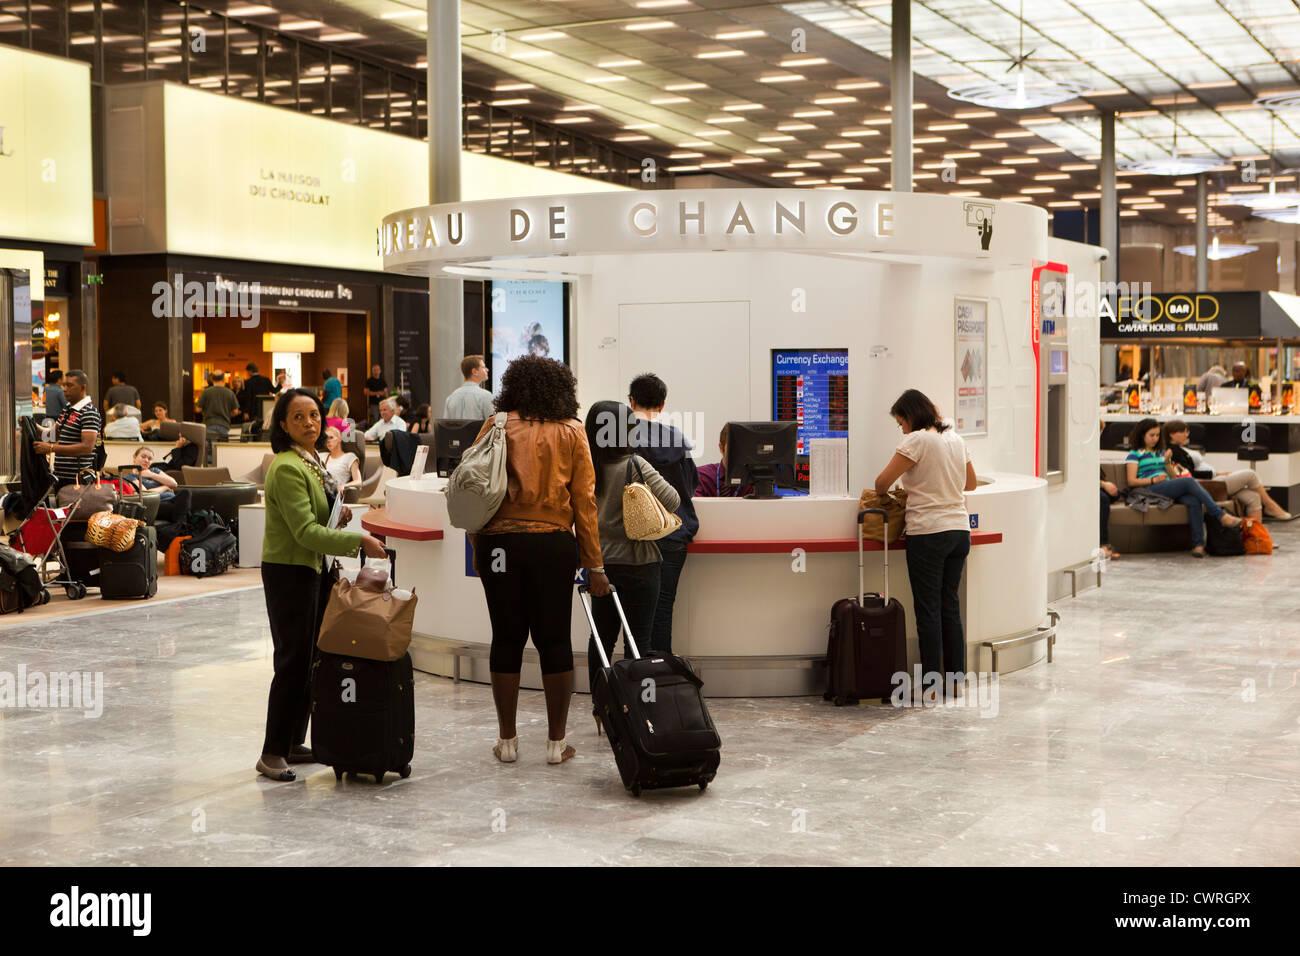 France Paris Charles de Gaulle Airport terminal 2E new M gates